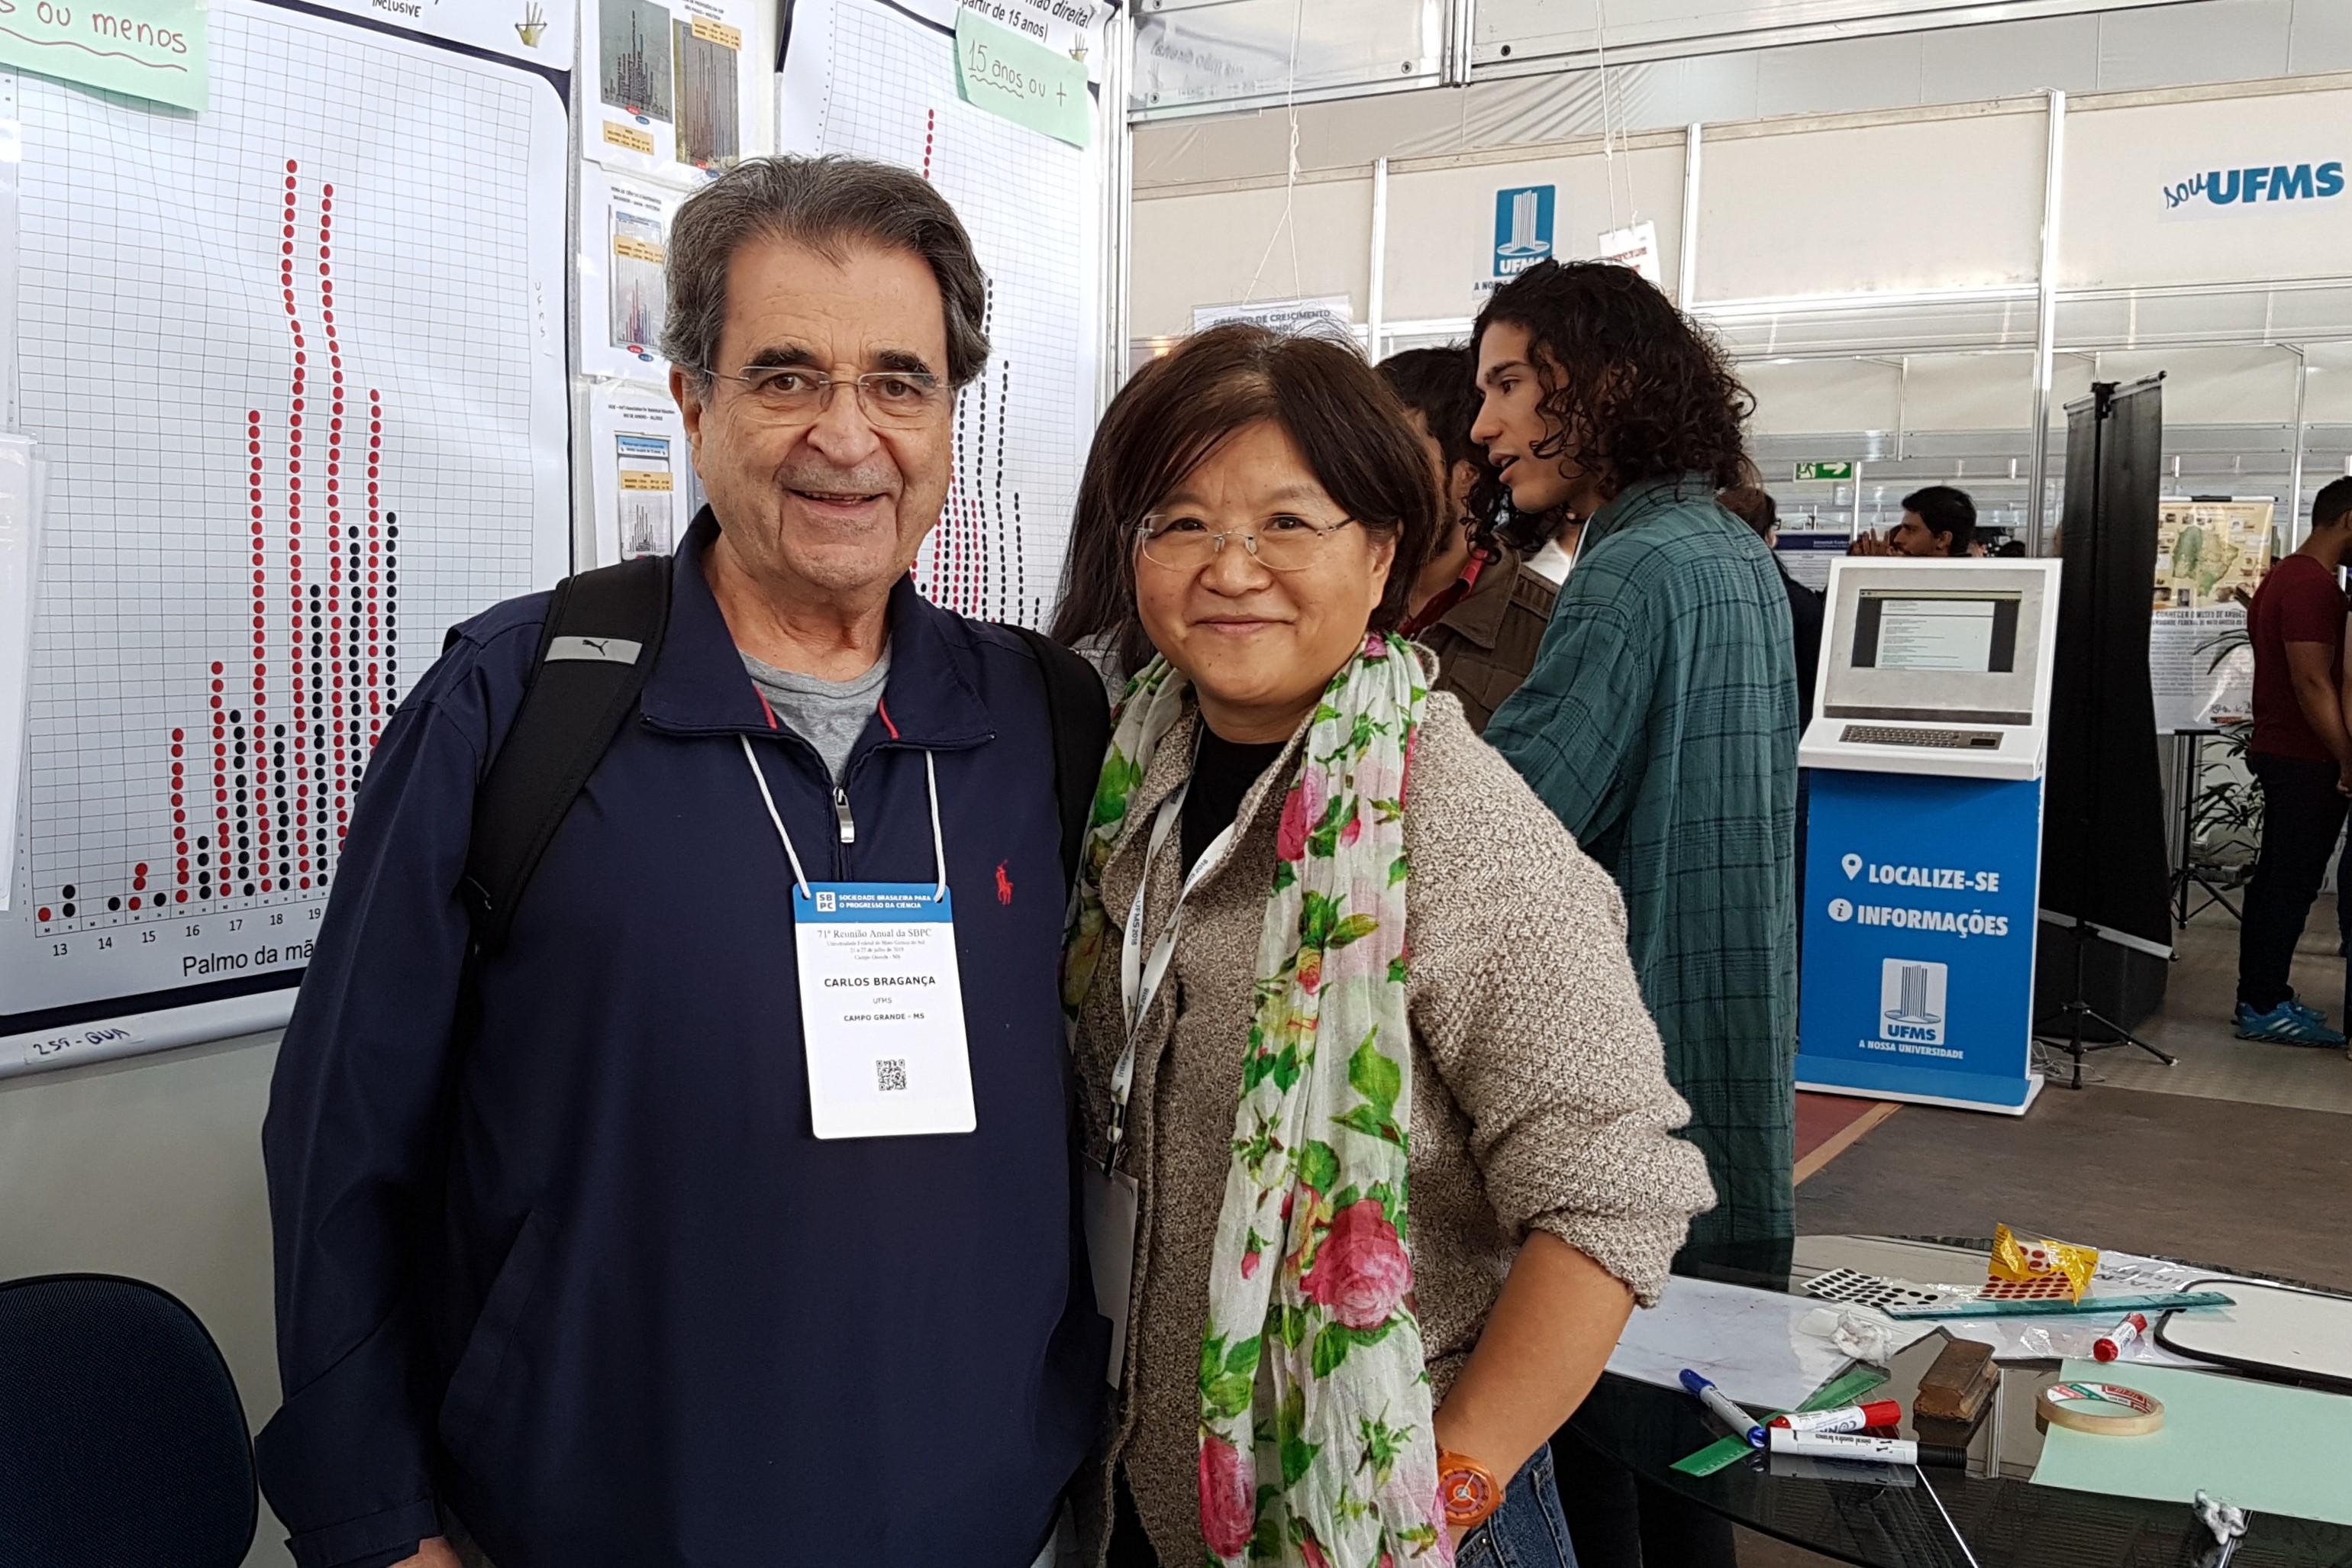 Prof. Carlos Pereira visita o estande da Estatística